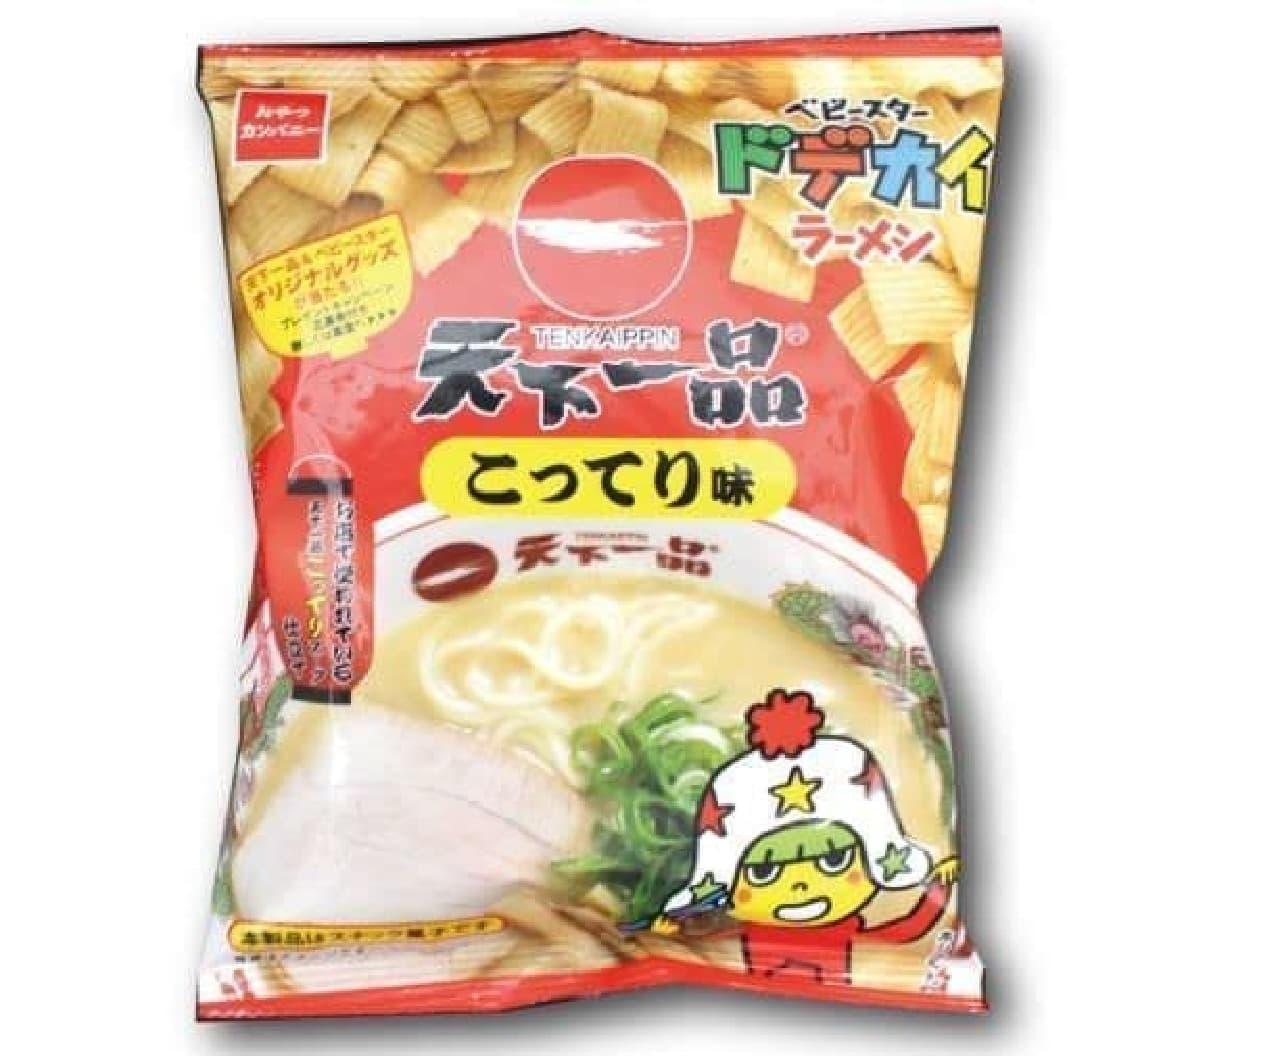 ベビースタードデカイラーメン(天下一品こってり味)は、おやつカンパニーと中華そば専門チェーン店天下一品が共同開発したスナック菓子